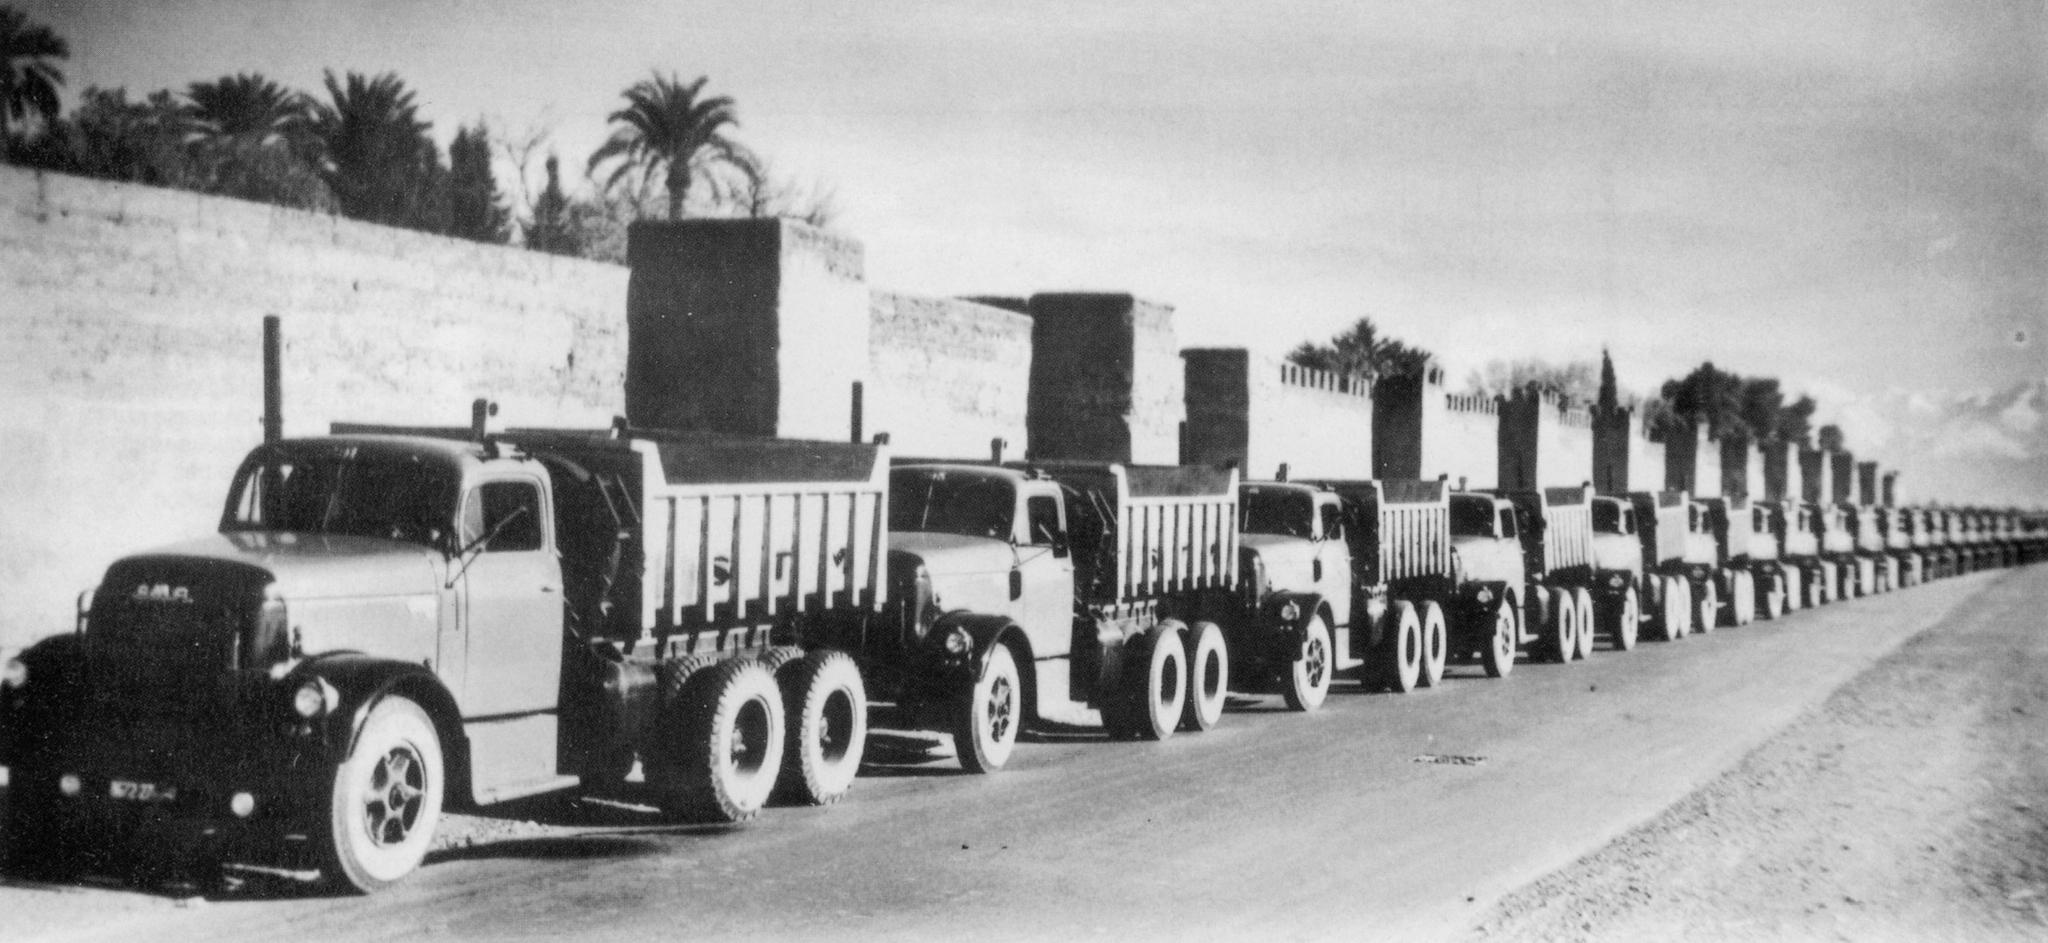 Transport Routier au Maroc - Histoire - Page 3 49889562637_35acd0847c_o_d